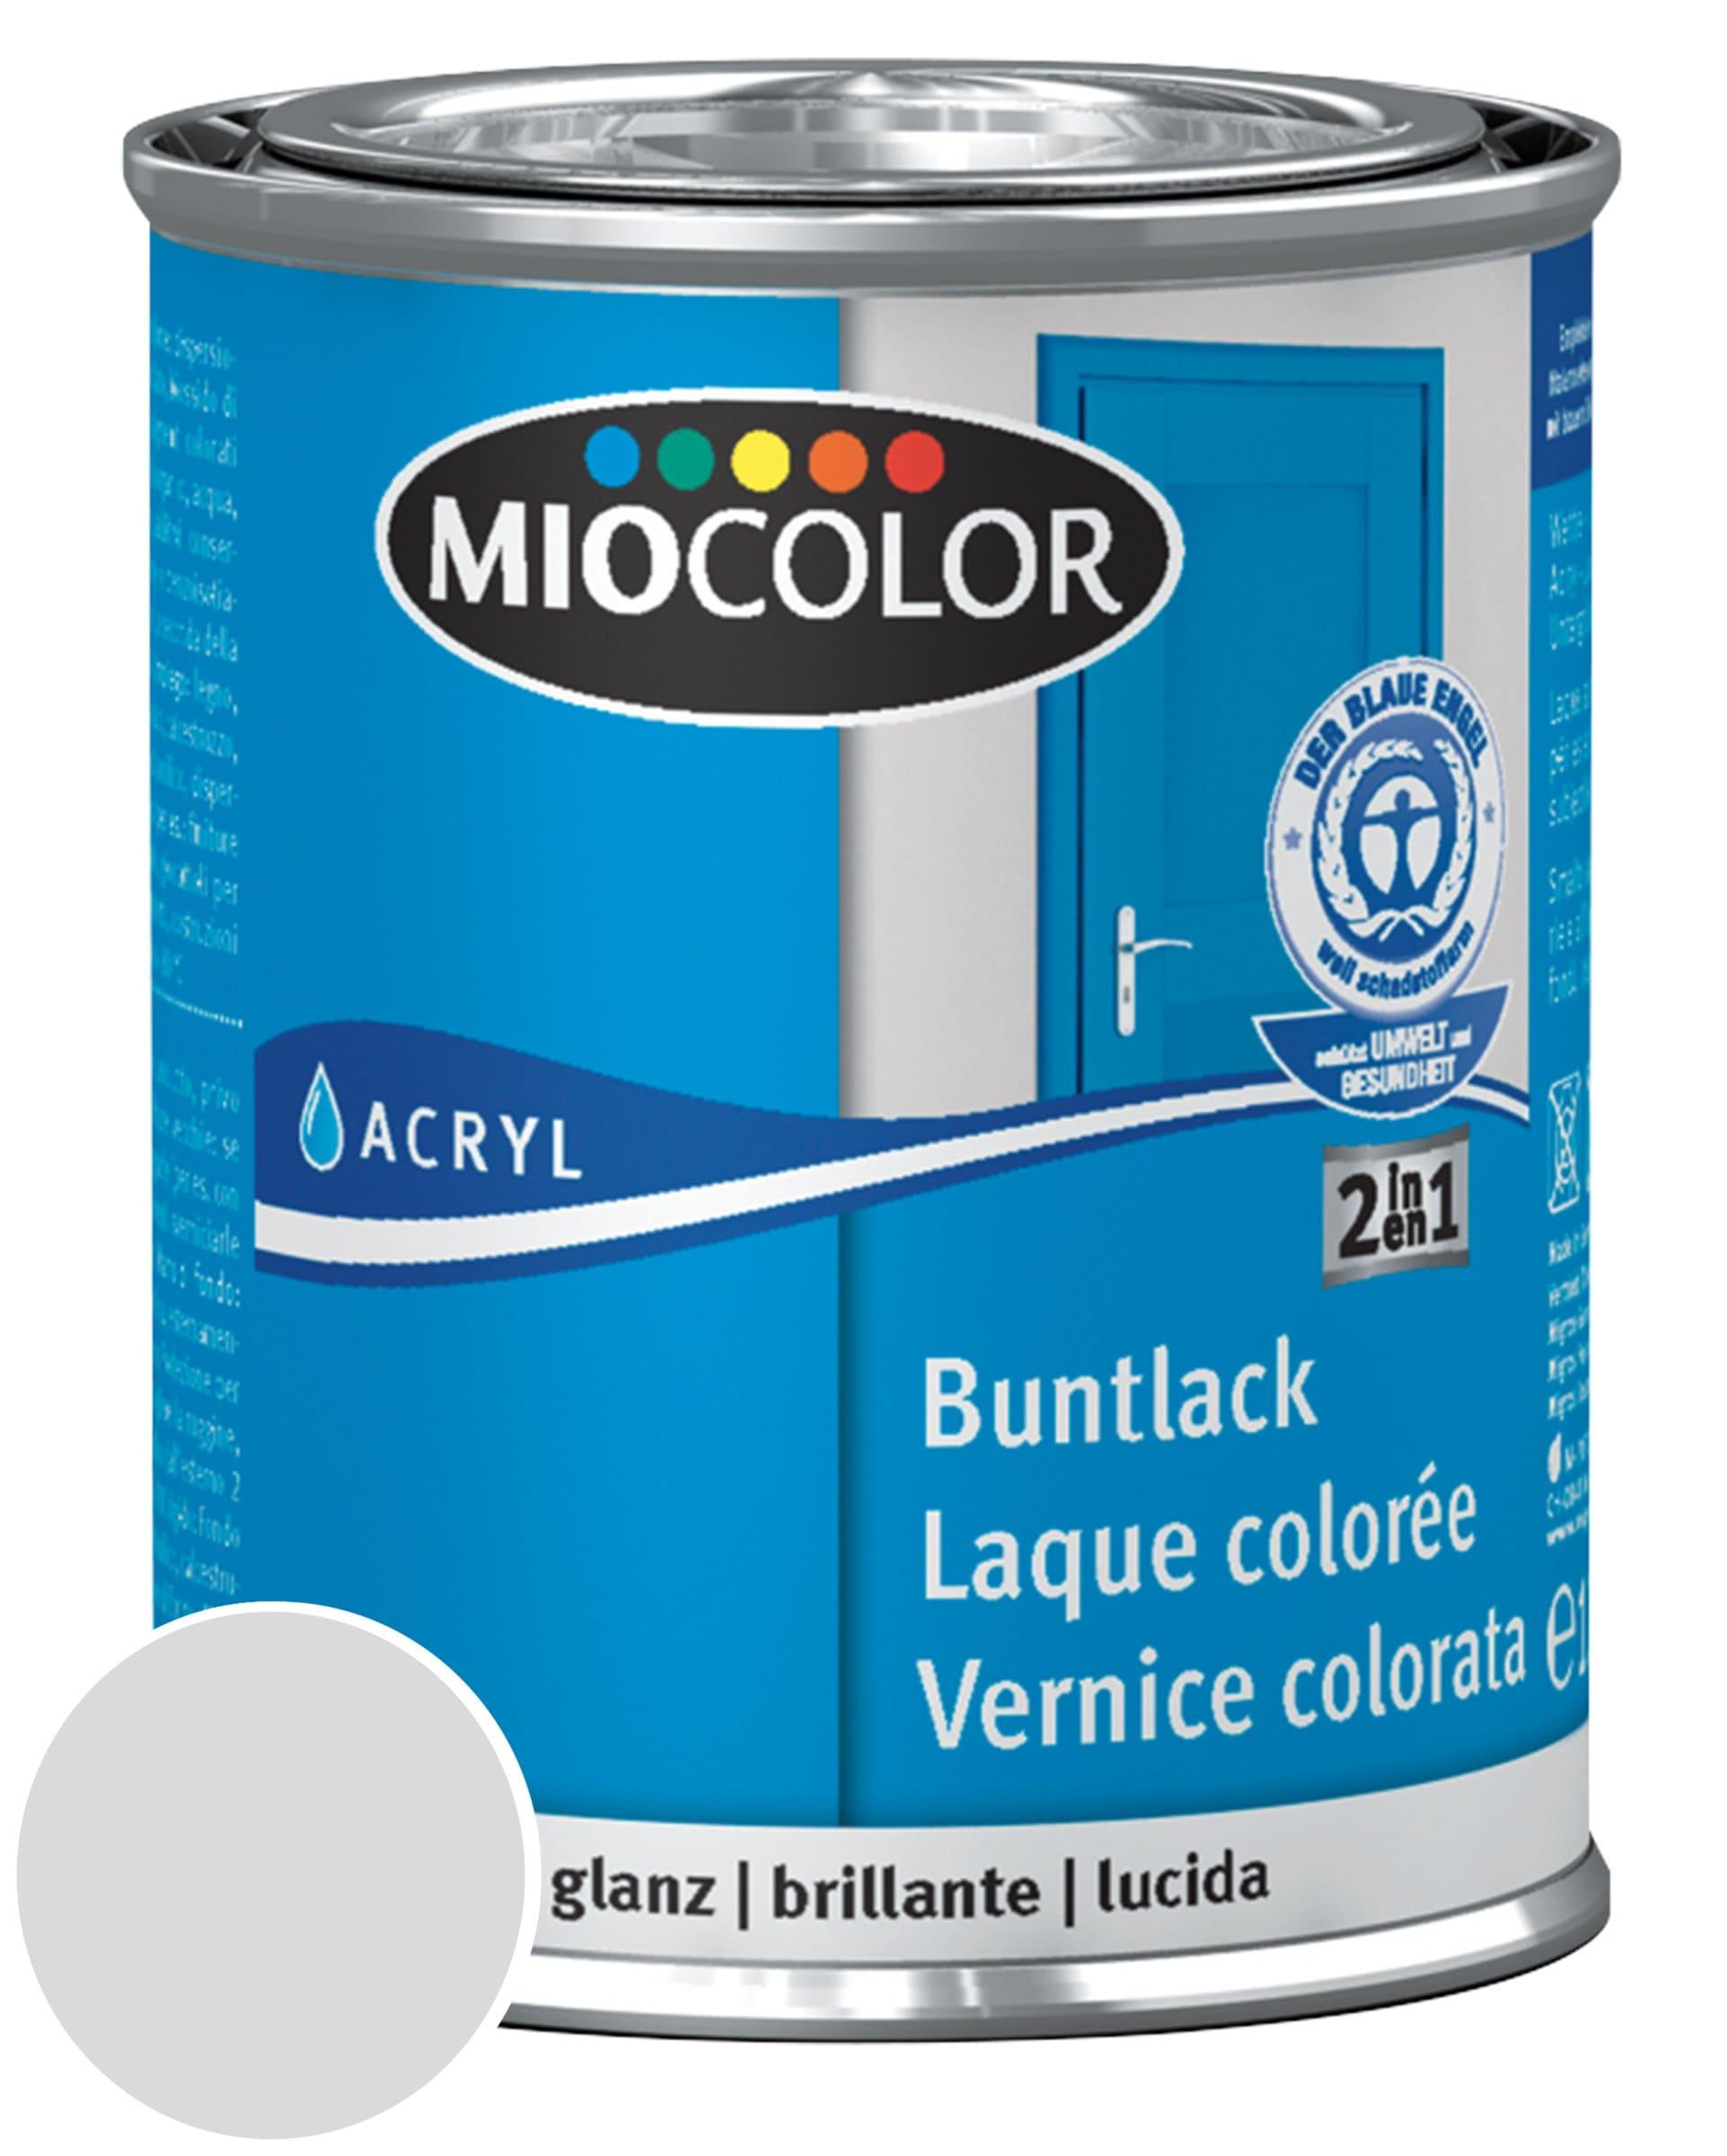 miocolor acryl buntlack glanz migipedia. Black Bedroom Furniture Sets. Home Design Ideas